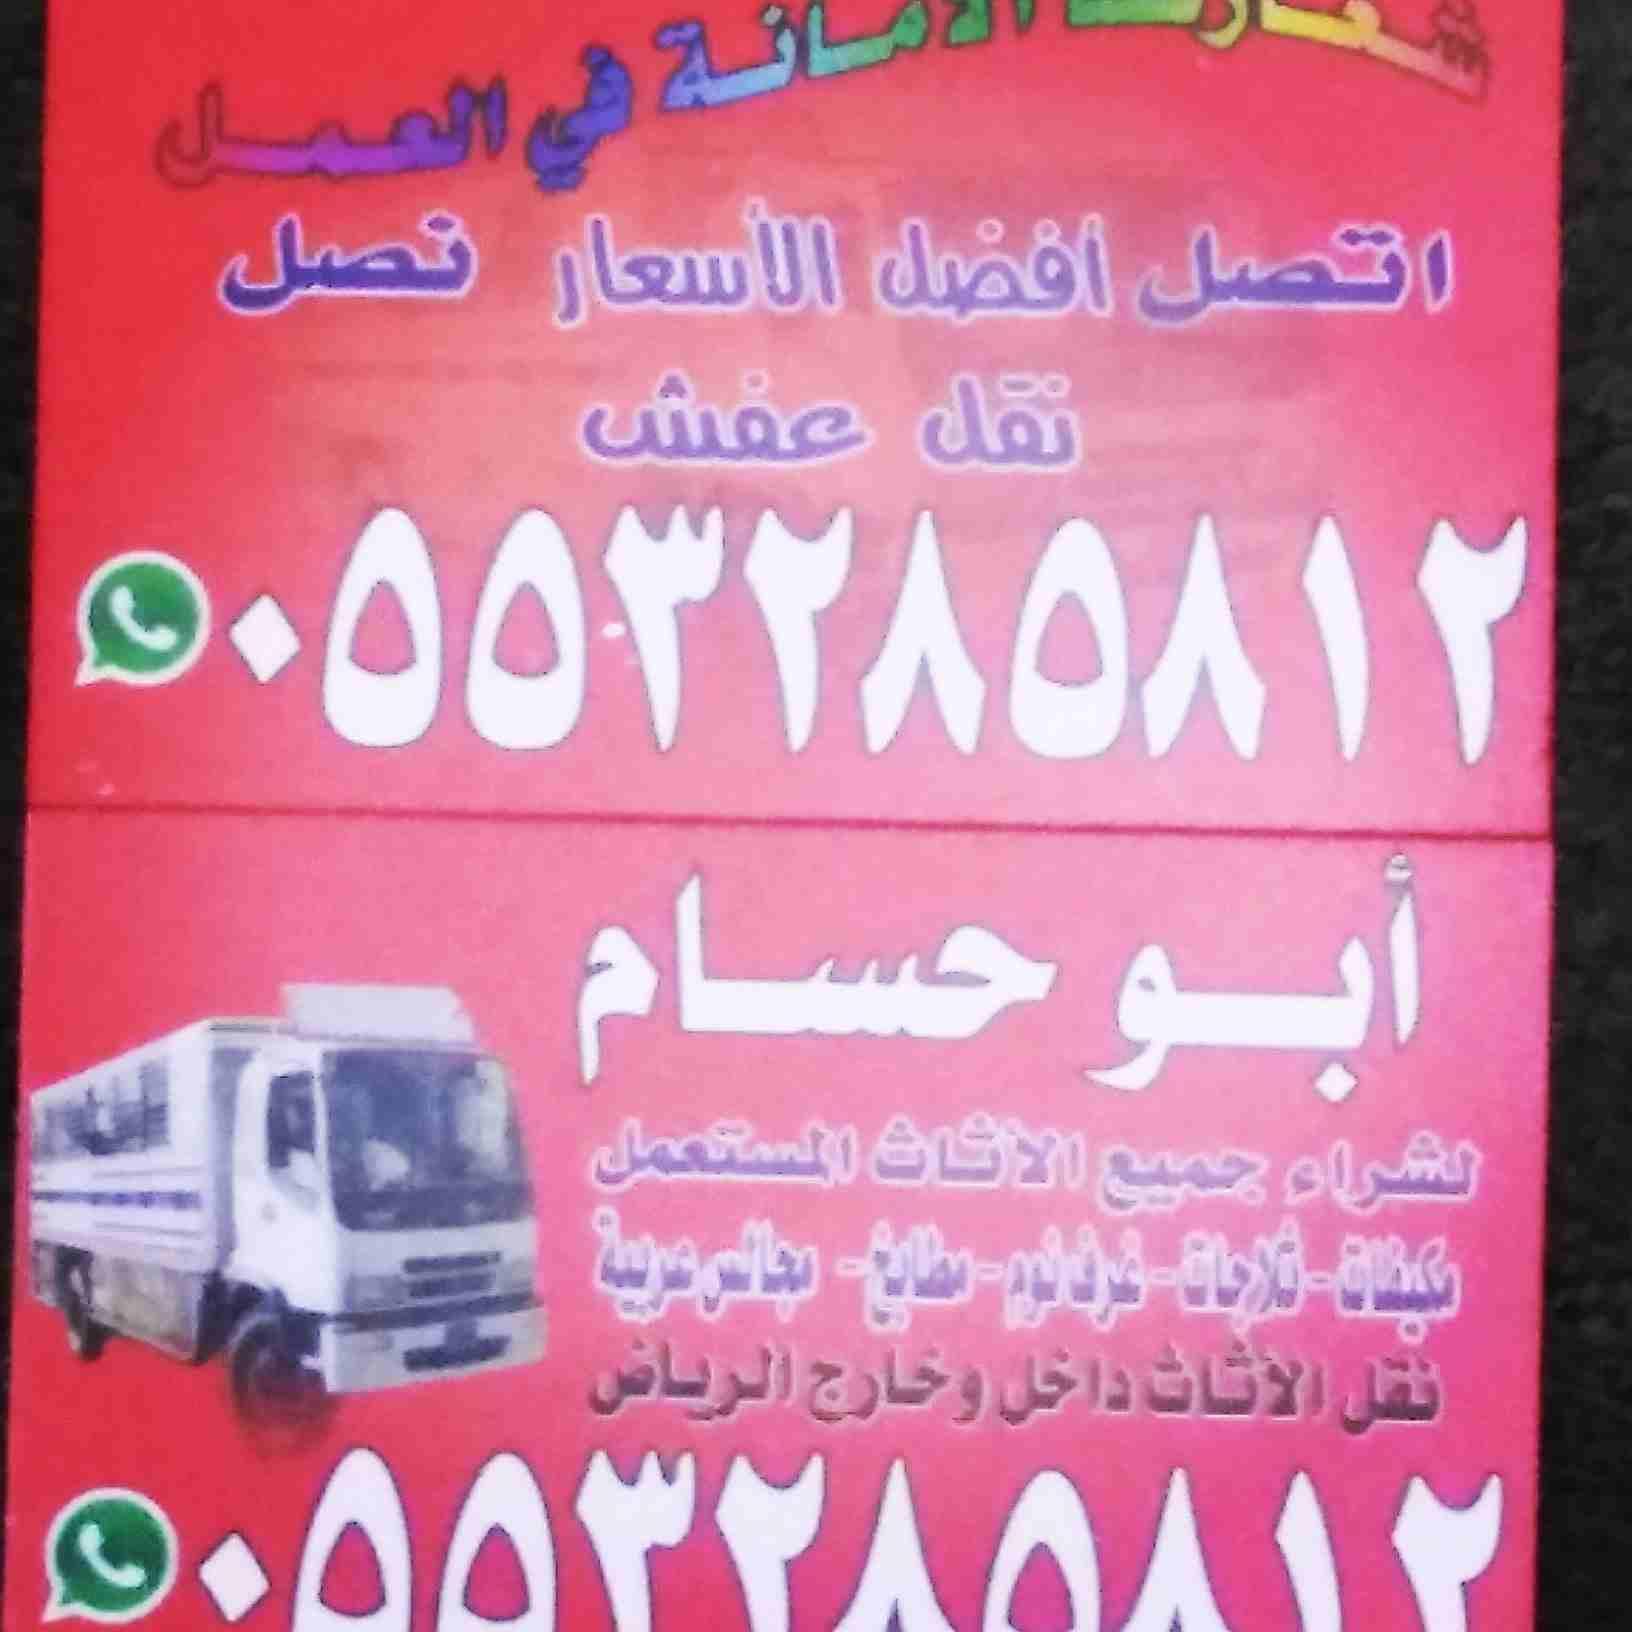 شراء الأثاث المستعمل شمال الرياض 0553285812 أبو عبد الله